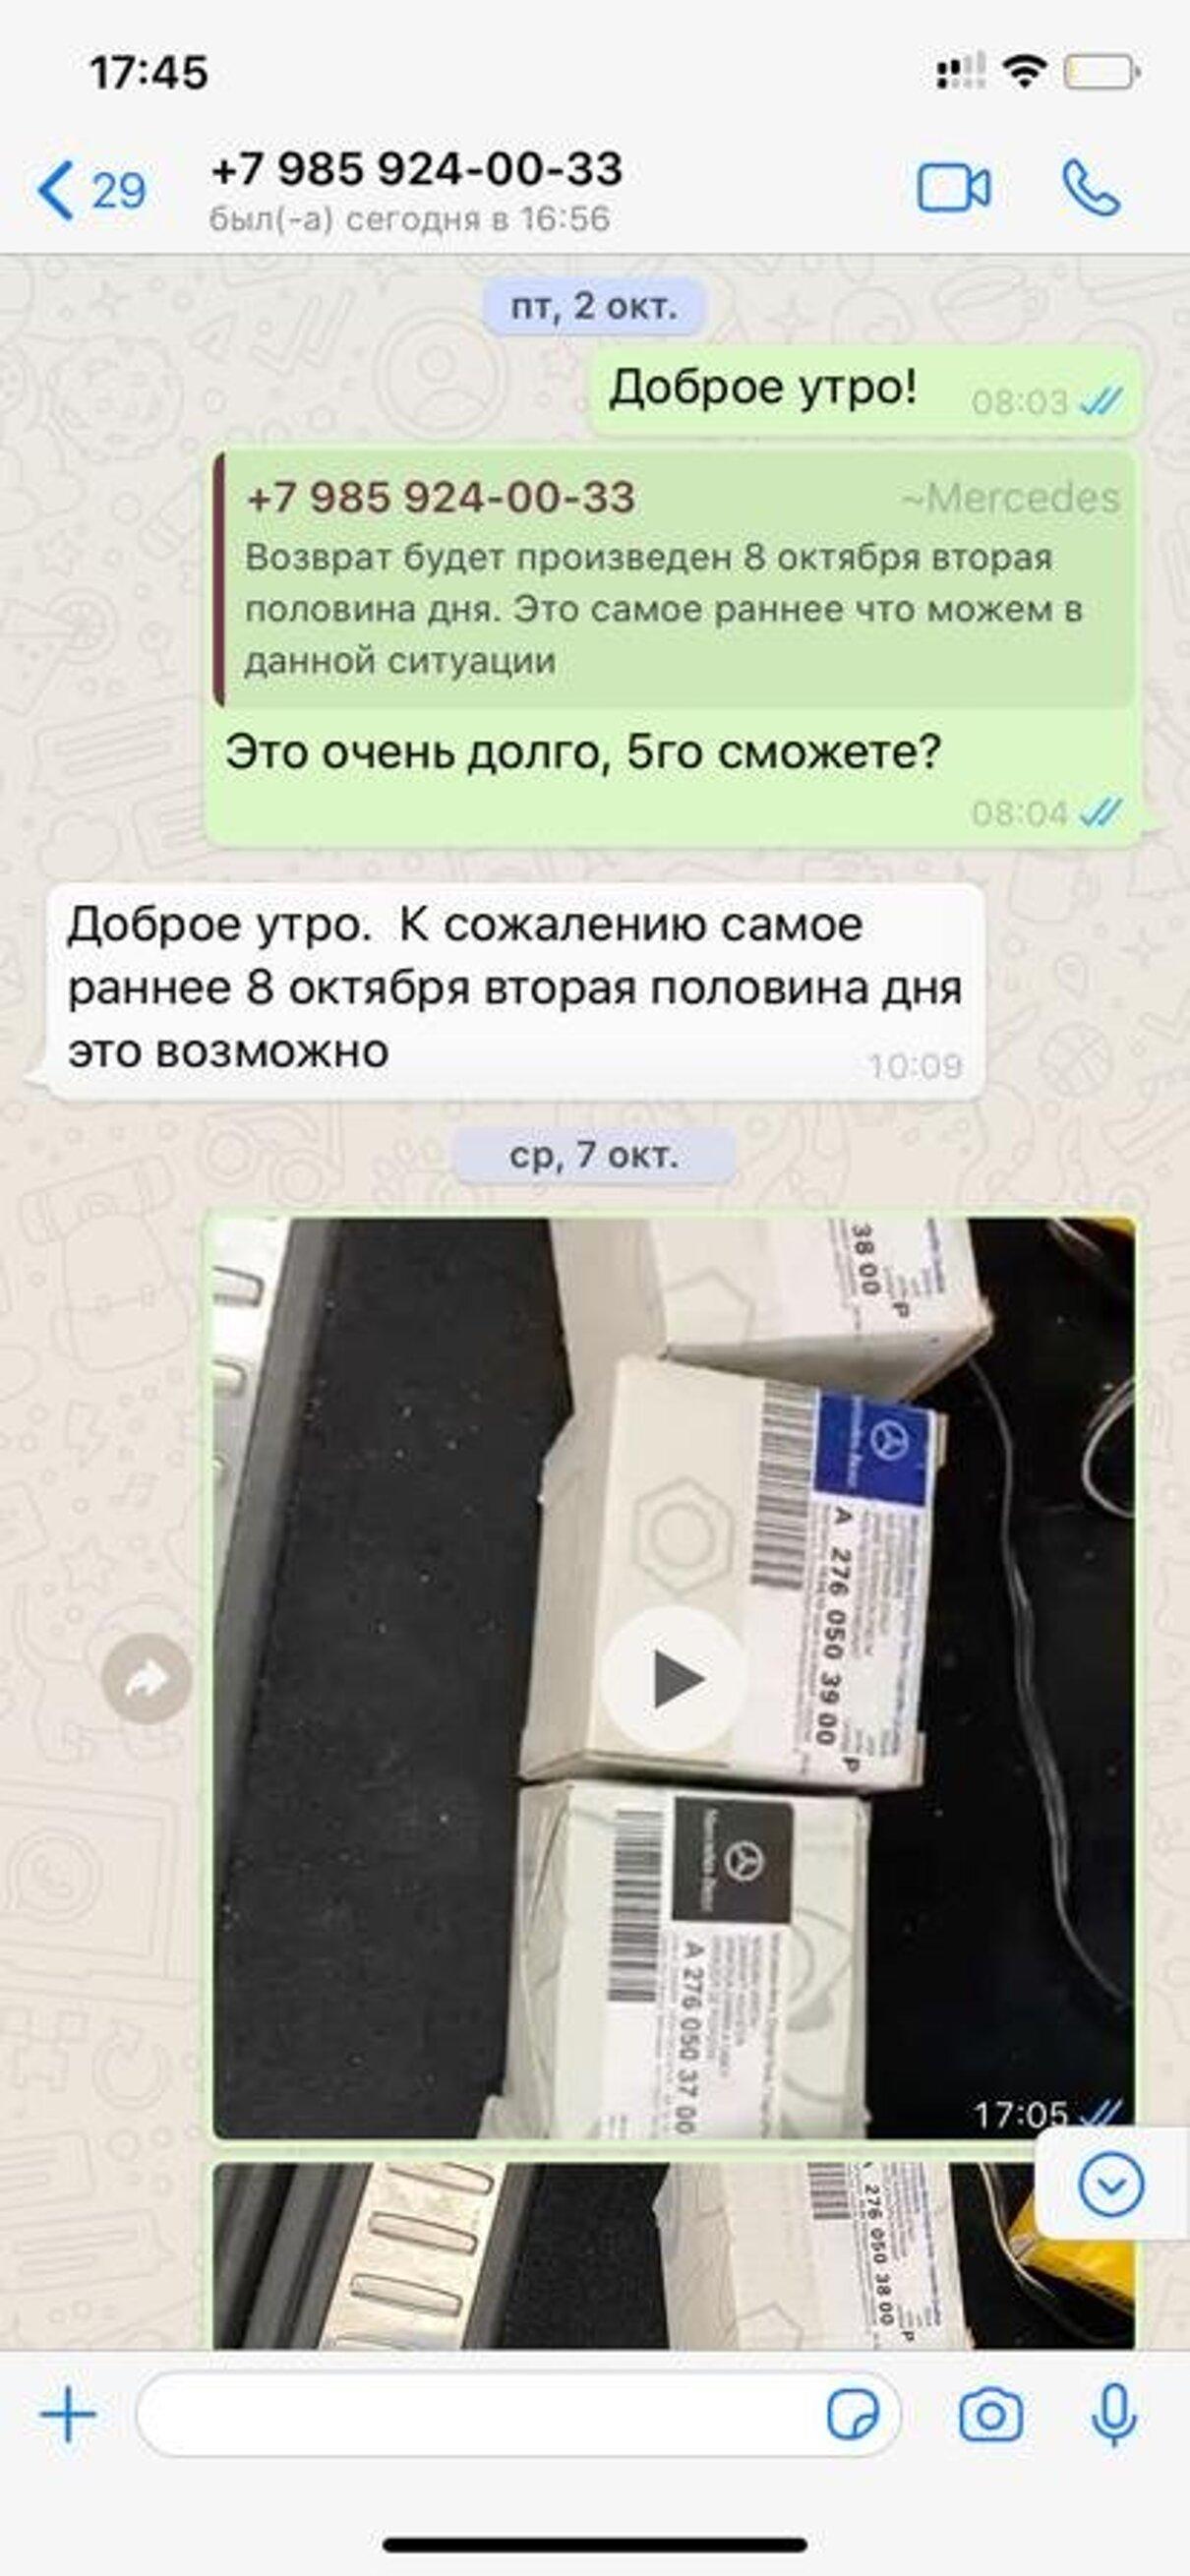 Жалоба-отзыв: Magazinmercedes.ru - Мошенники!!! Не привезли запчасти, не вернули деньги!!!.  Фото №2